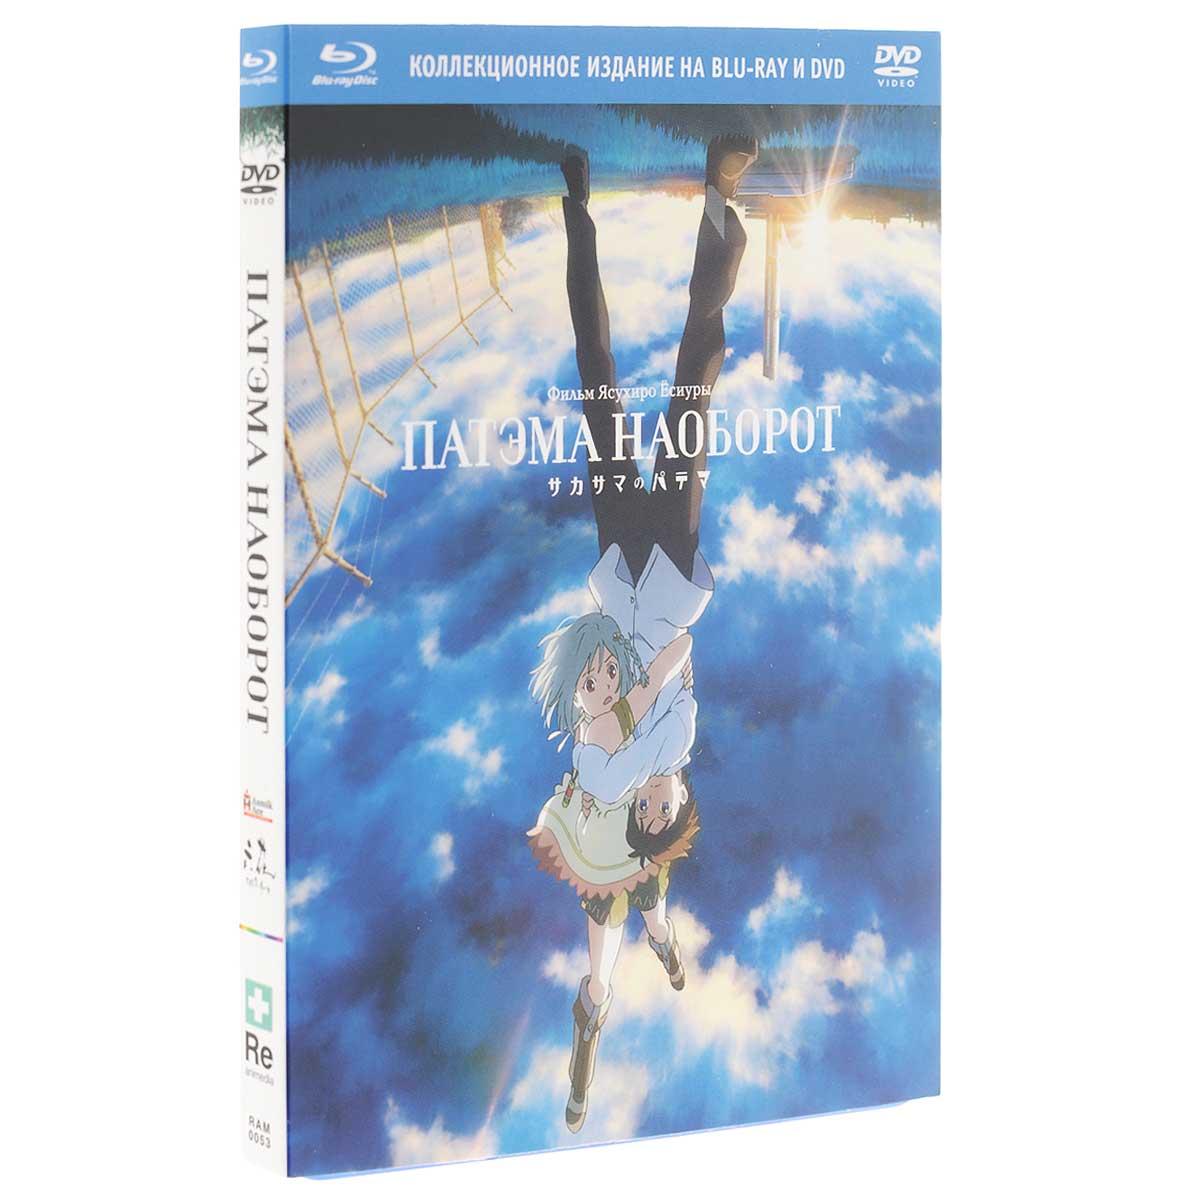 Патэма наоборот (Blu-ray + DVD)Патэма, принцесса из подземной страны, куда не добираются лучи солнца, во время одной из своих безрассудных вылазок в запретную зону обнаруживает мир, где можно буквально упасть в небо. Радостей и тревог у перевернутых оказывается столько, сколько Патэме не могло даже присниться, но теперь ее главный враг - уже не собственное любопытство, а конфликт двух цивилизаций...